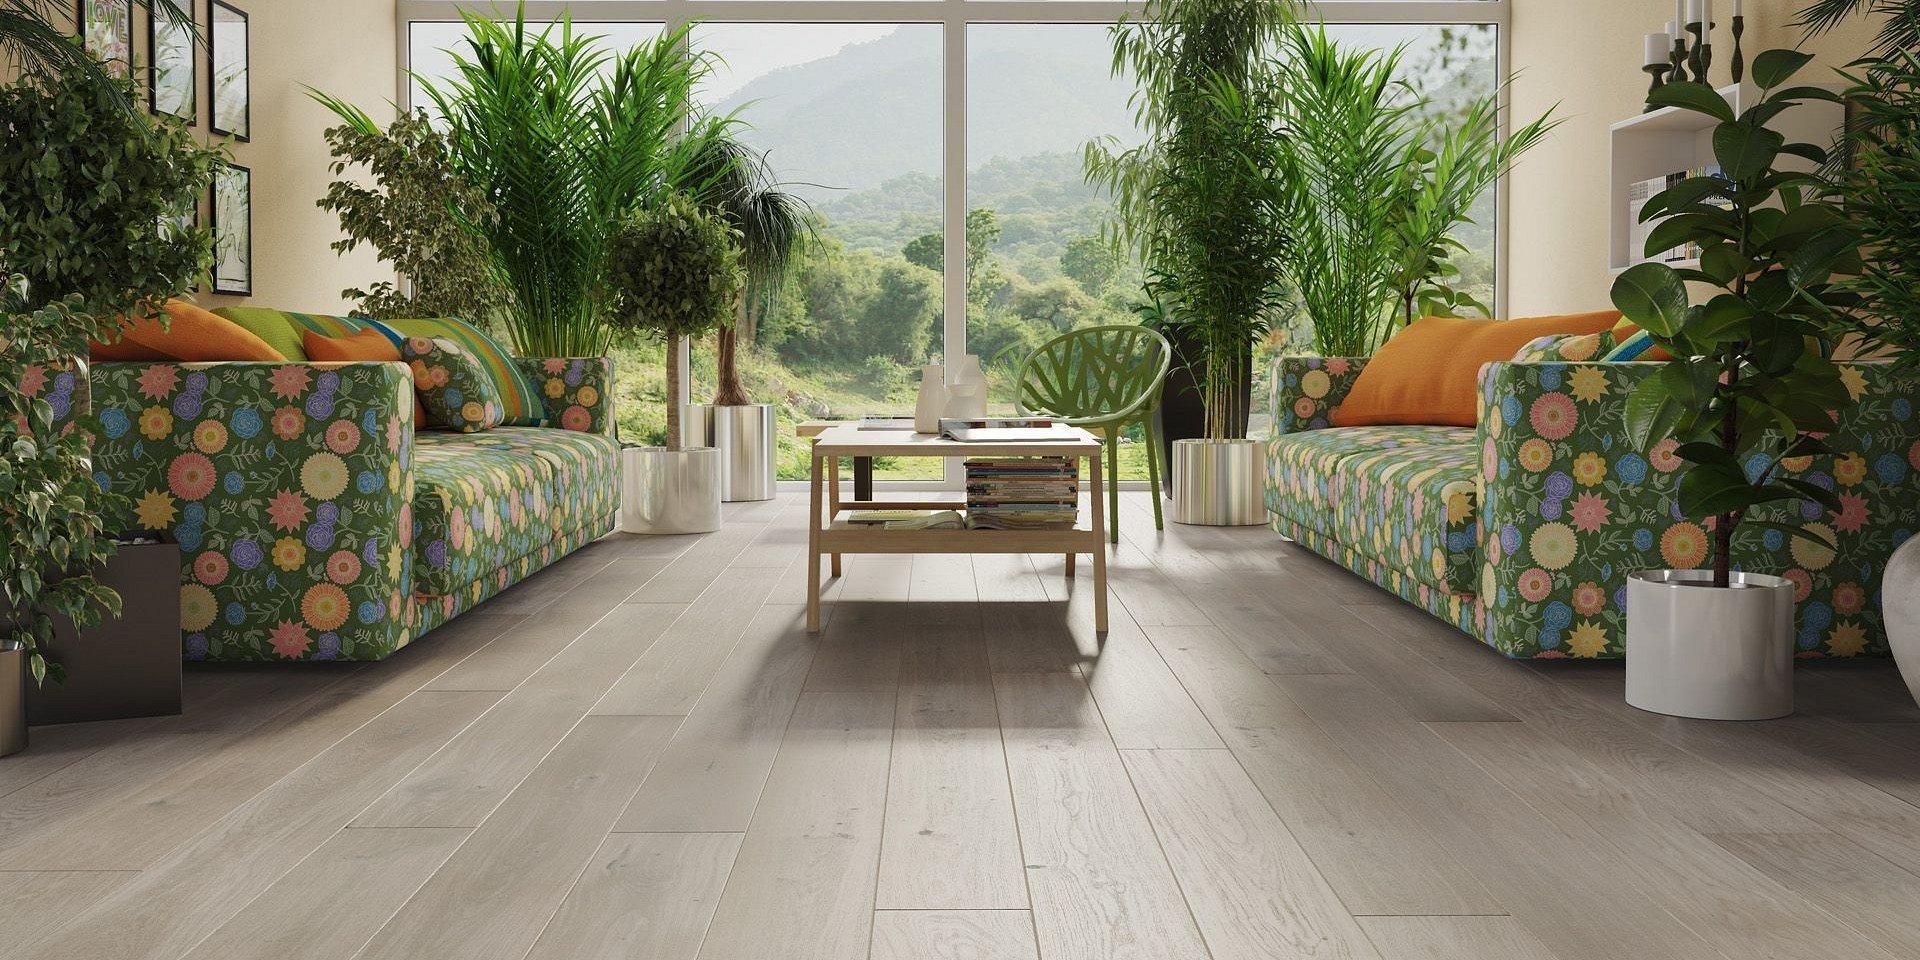 Wiosenne trendy - podłogi i dywany w harmonii z naturą